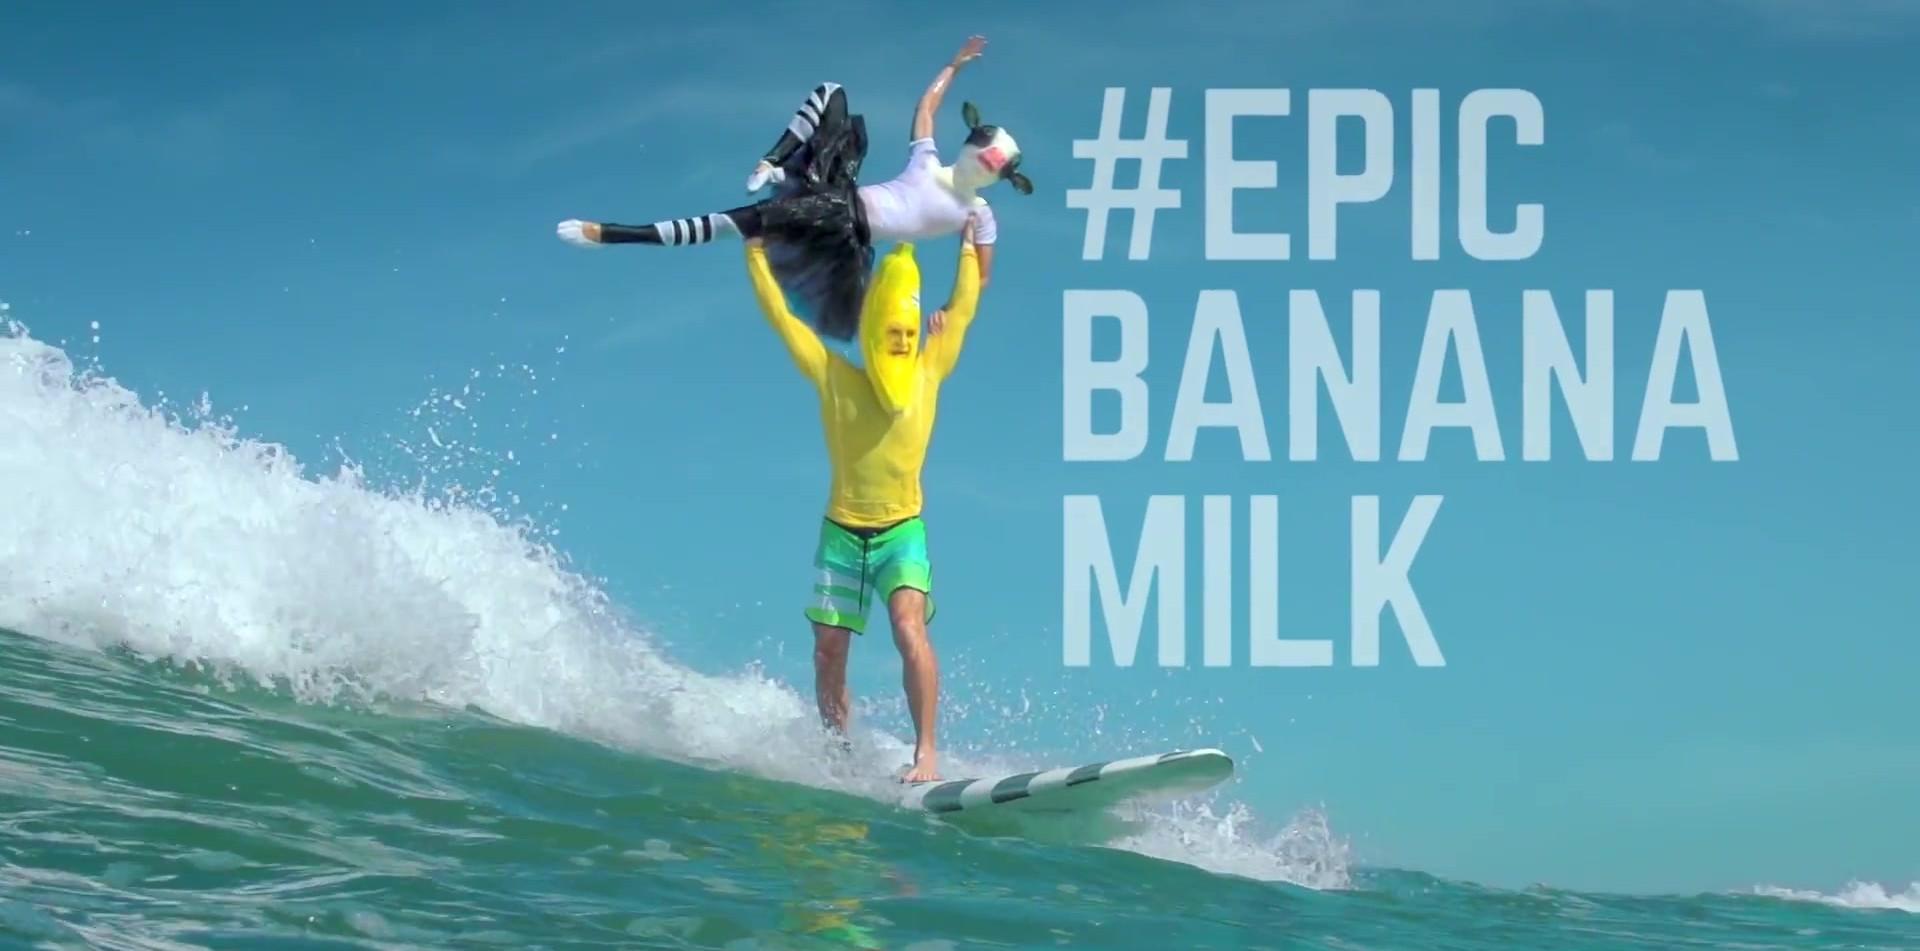 Indomilk Banana #EpicBanana